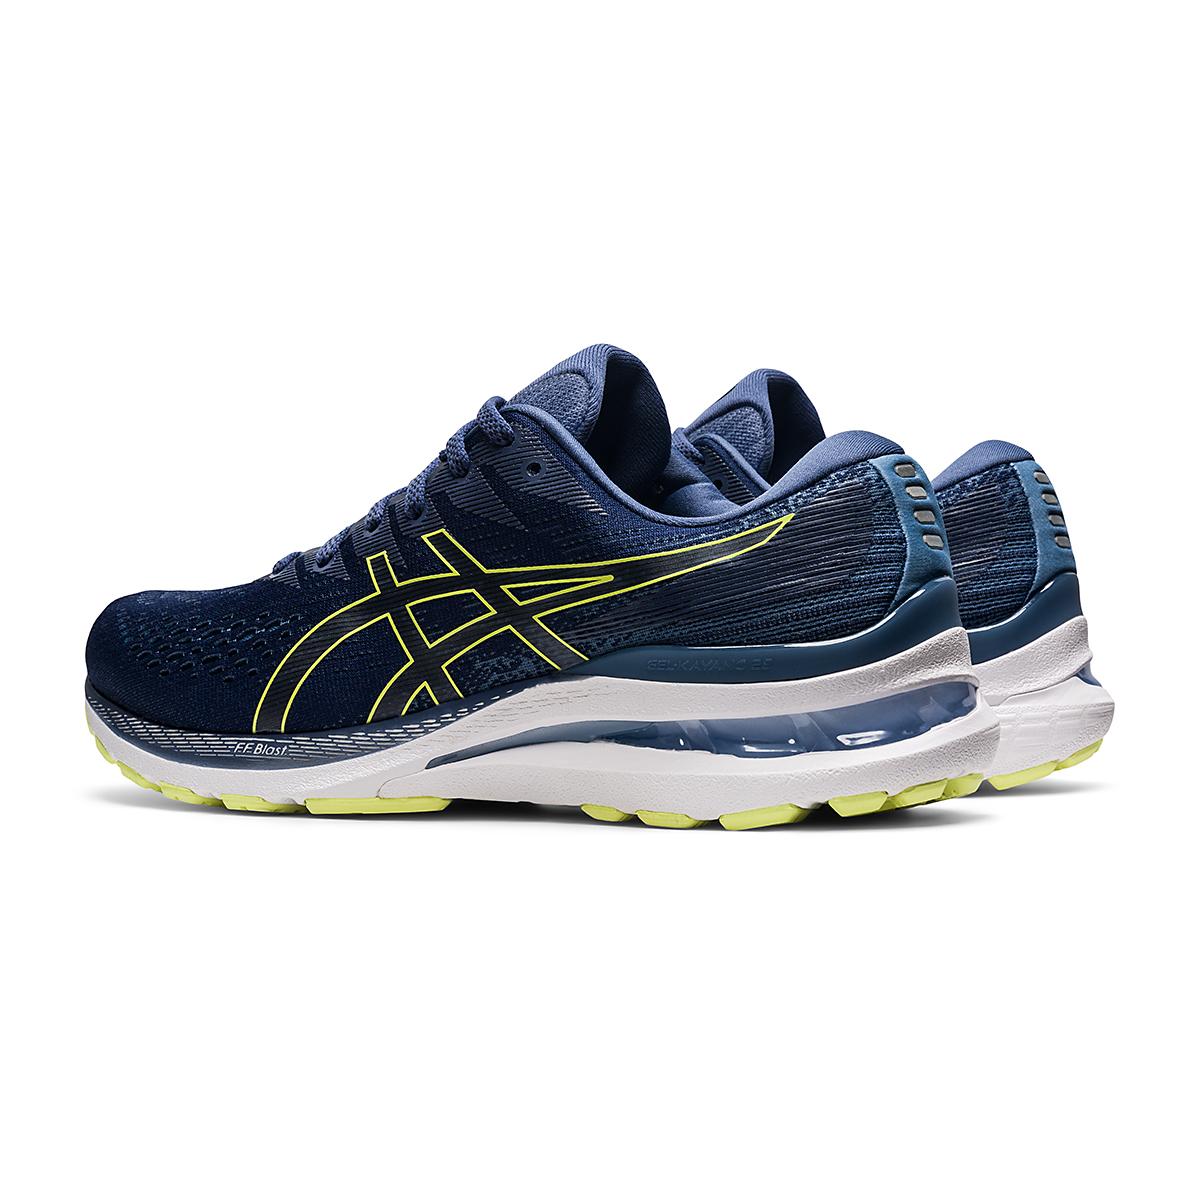 Men's Asics Gel-Kayano 28 Running Shoe - Color: Thunder Blue/Glow Yellow - Size: 7 - Width: Regular, Thunder Blue/Glow Yellow, large, image 4